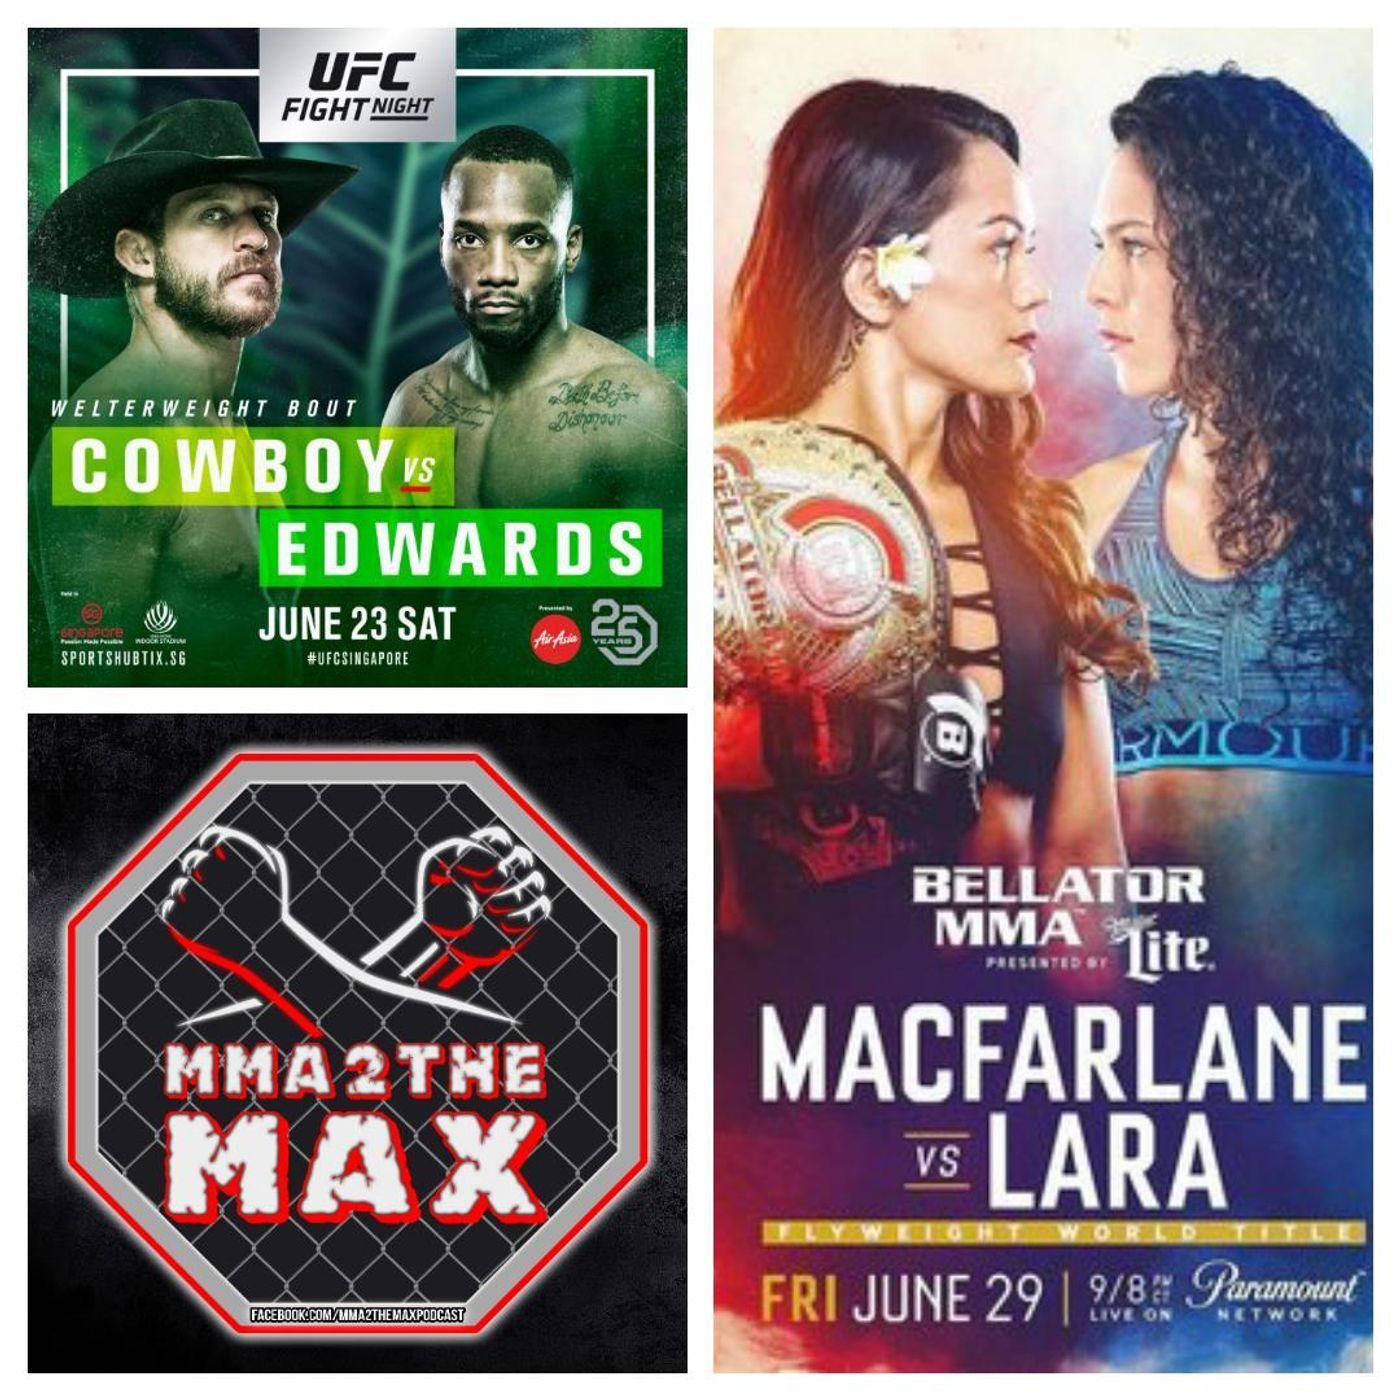 MMA 2 the MAX #46: Cerrone vs. Edwards Review